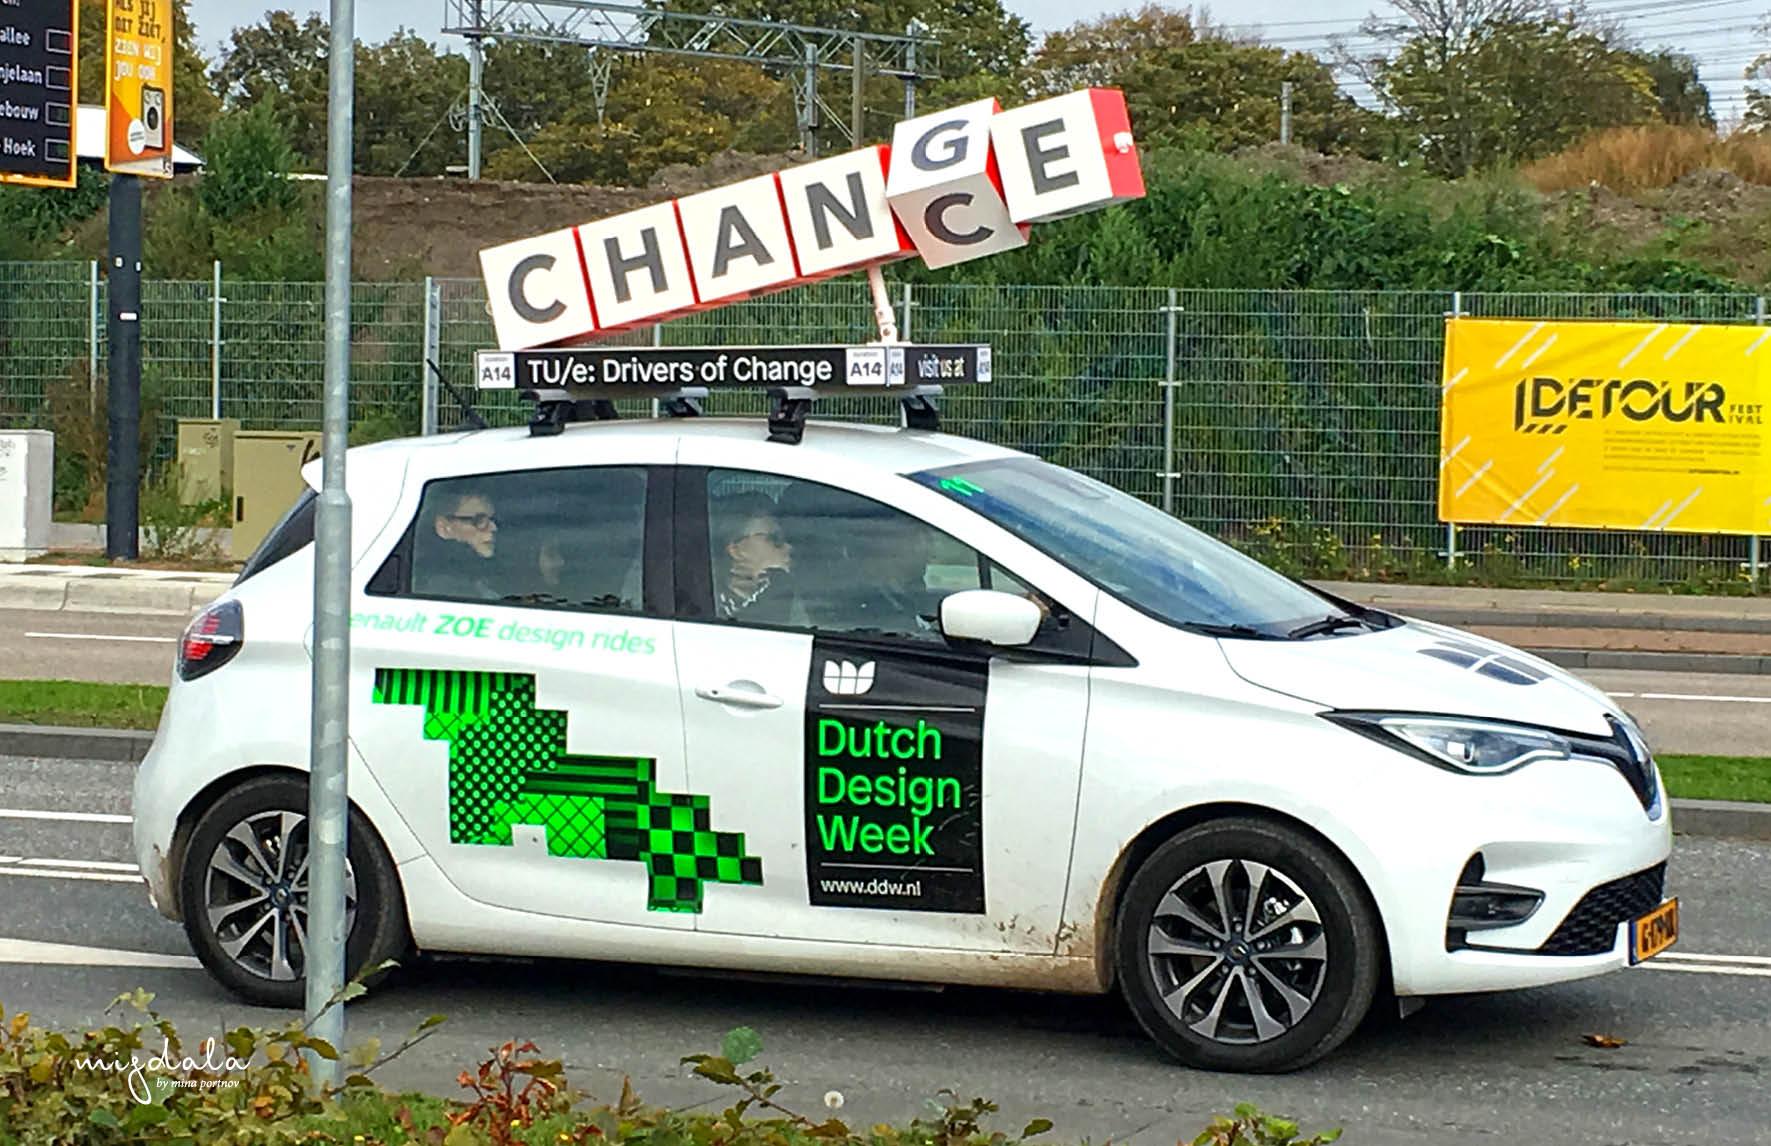 שינוי זה שם המשחק - שבוע העיצוב באיינדהובן Dutch Design Week Eindhoven